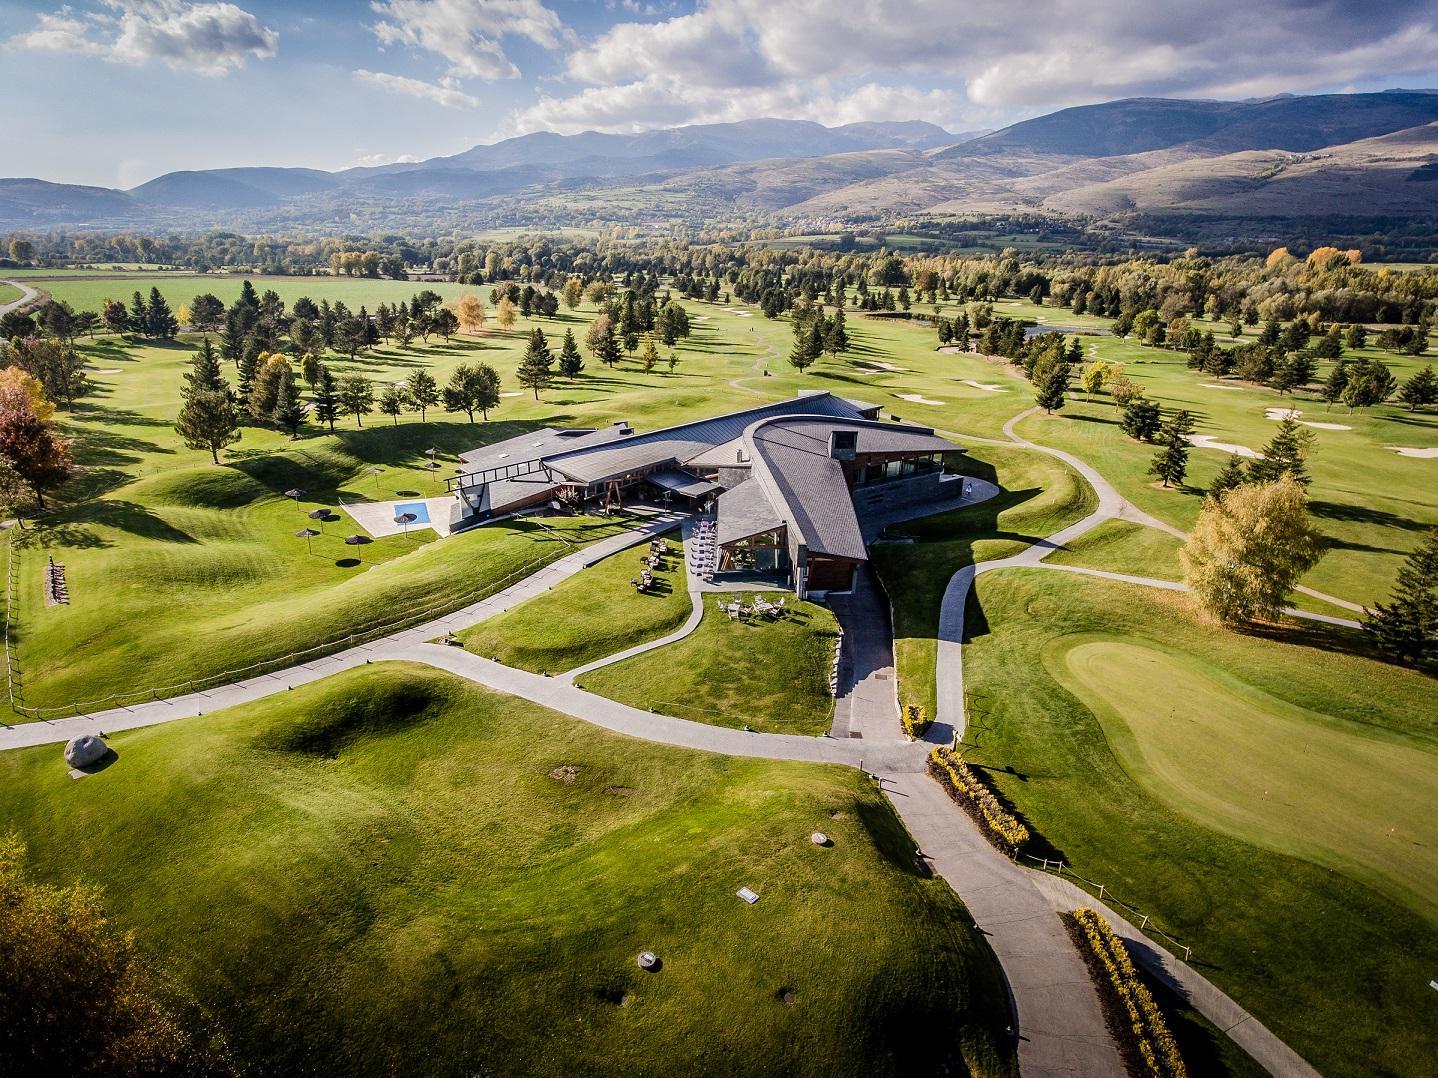 Fontanals Golf